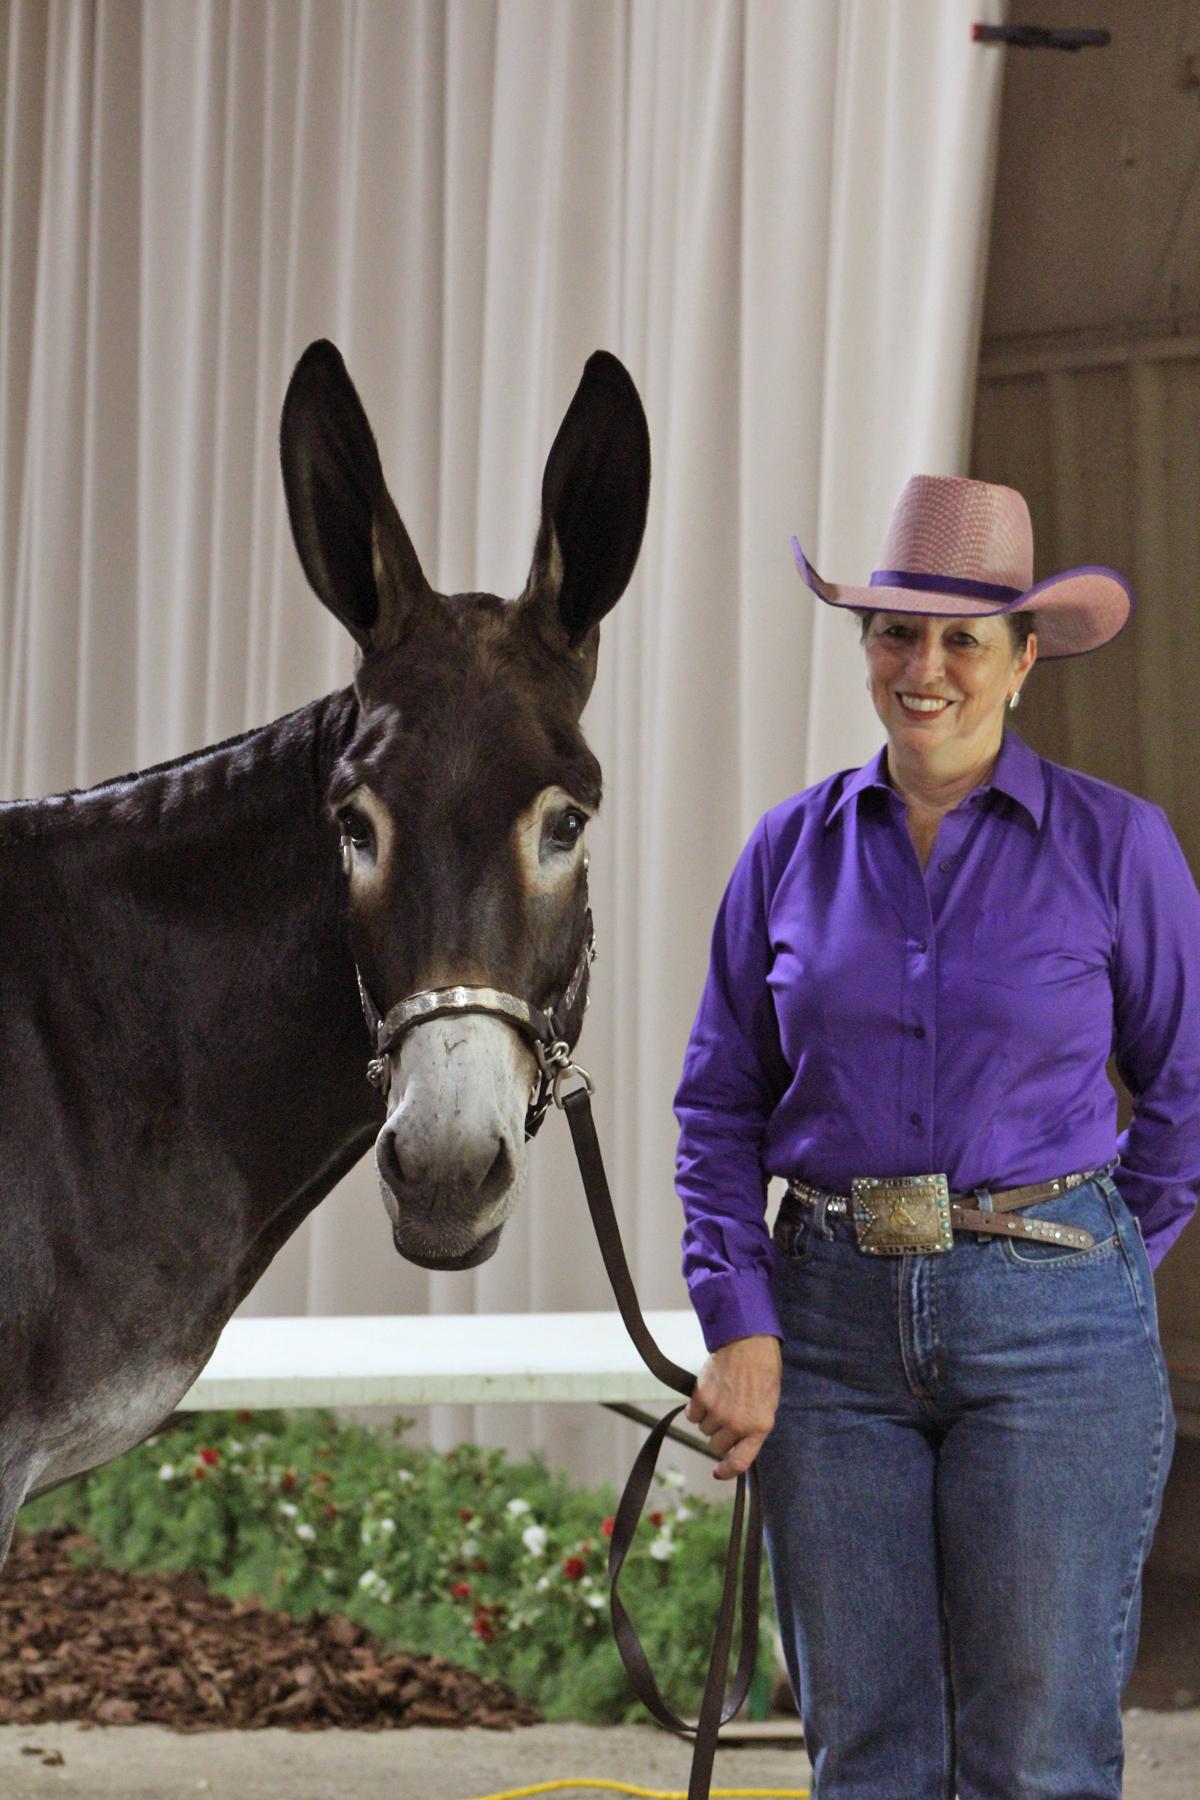 donkey halter.jpg